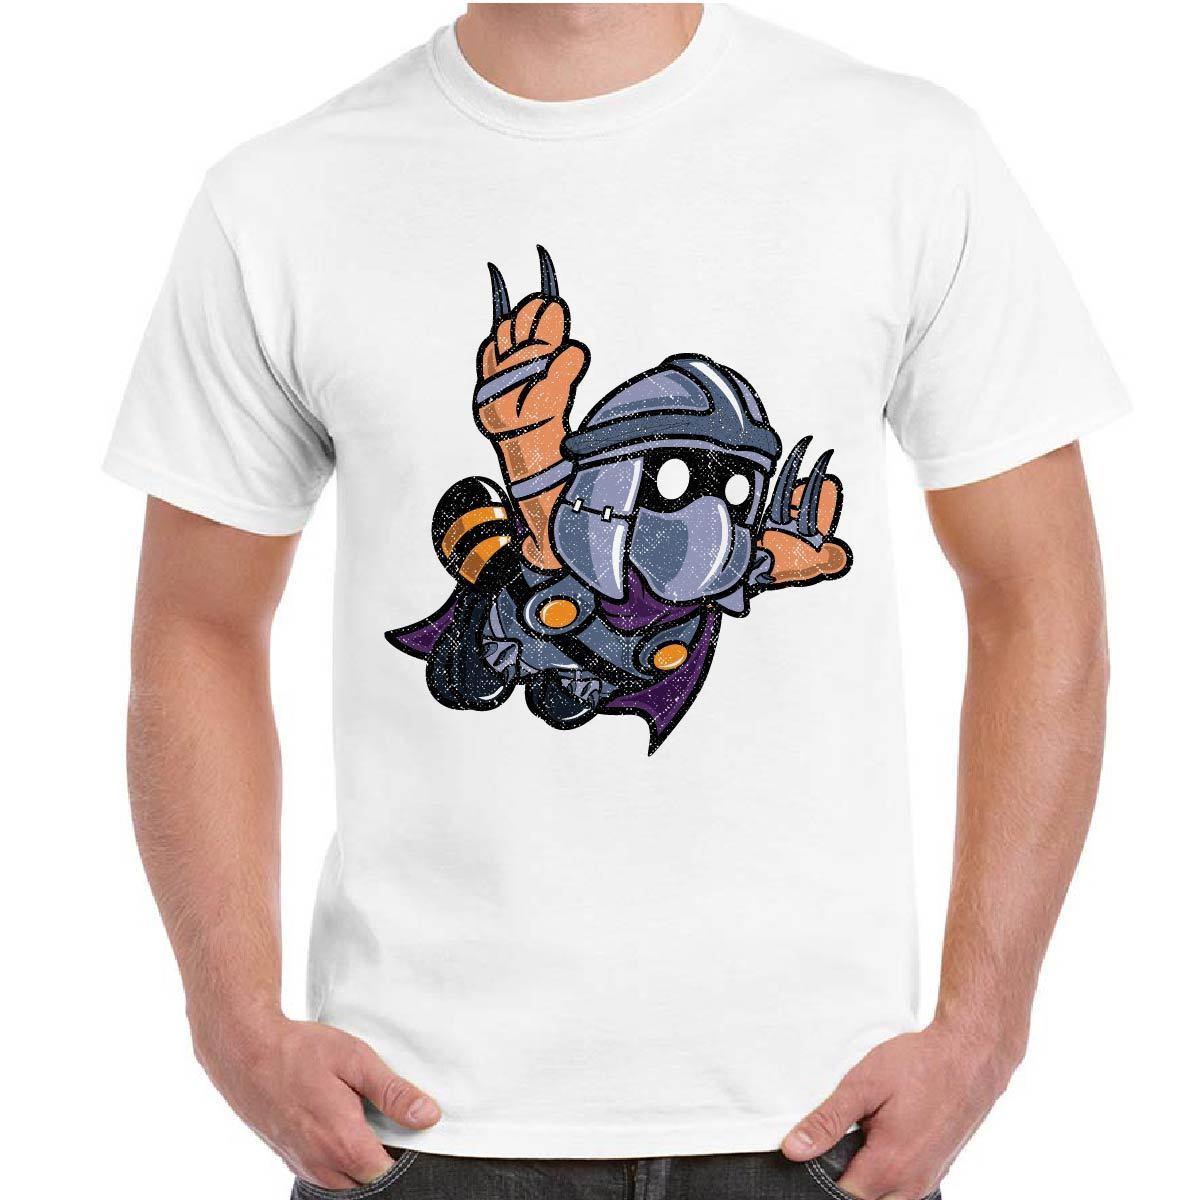 2018 Fashion Style T-Shirt Uomo Maglietta Maniche Corte Nerd Con Stampa Divertente Super Shredder Men T-shirt